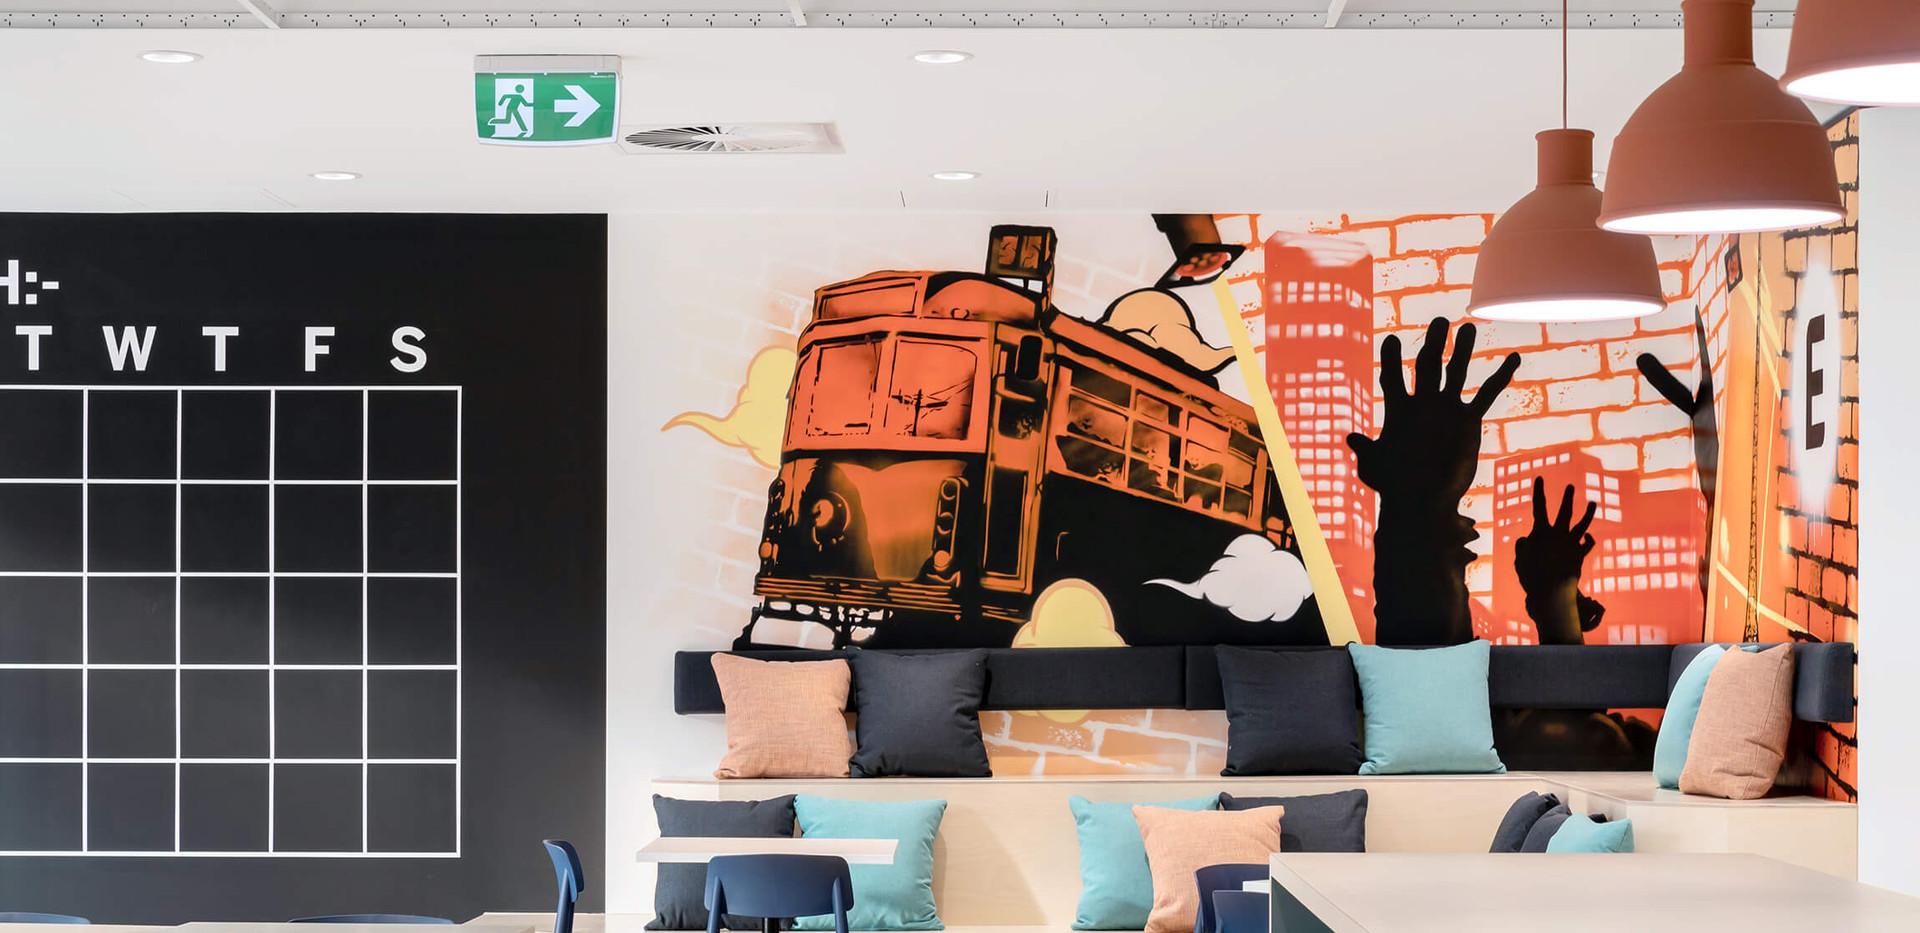 Eventbrite Melbourne - corporate design interiors